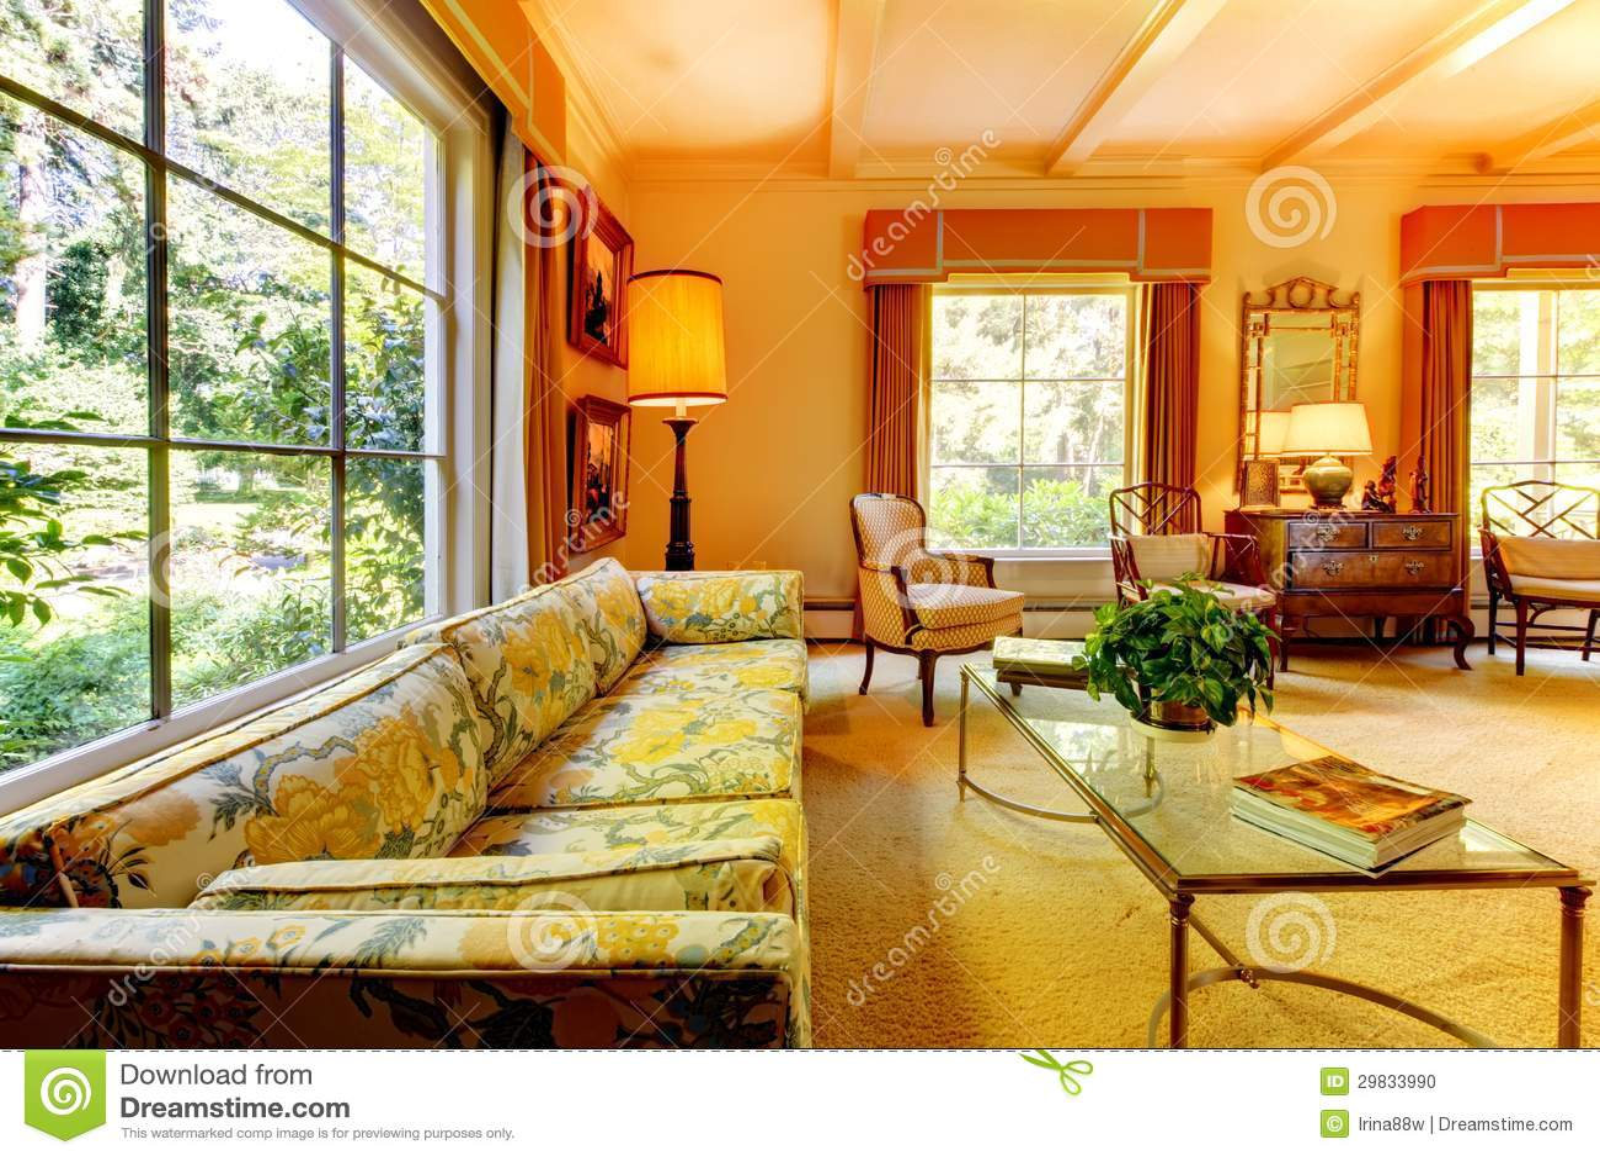 Vieux salon am ricain de maison avec les d tails antiques photo stock image 29833990 - Salon americain ...